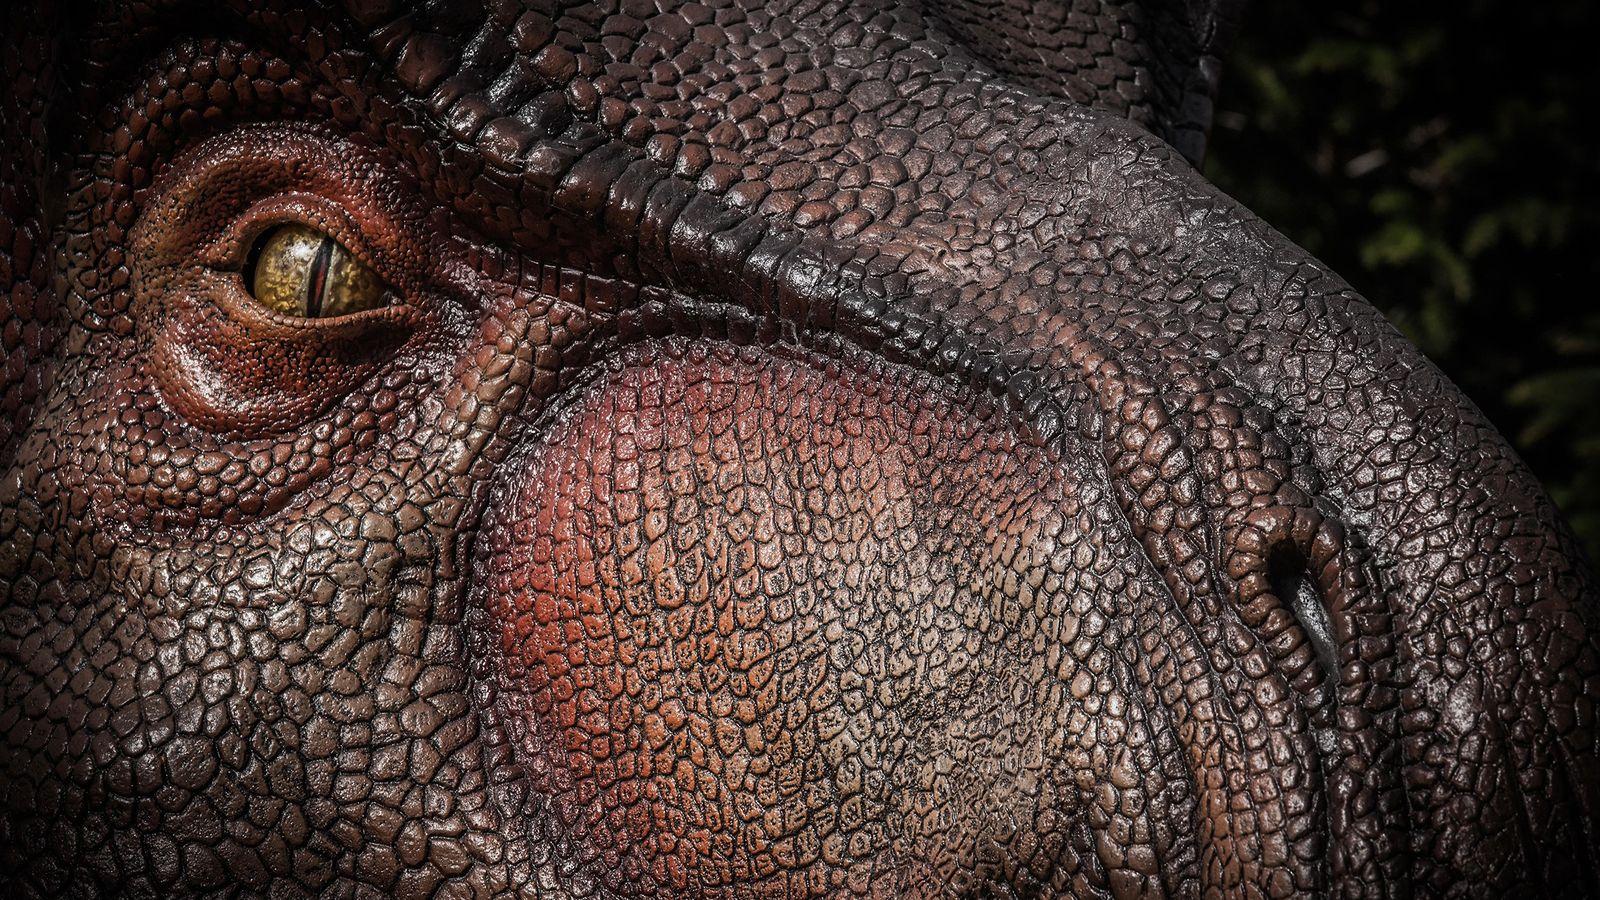 El Tyrannosaurus rex, visto aquí en una ilustración, probablemente tenía un sentido del olfato sólo un ...